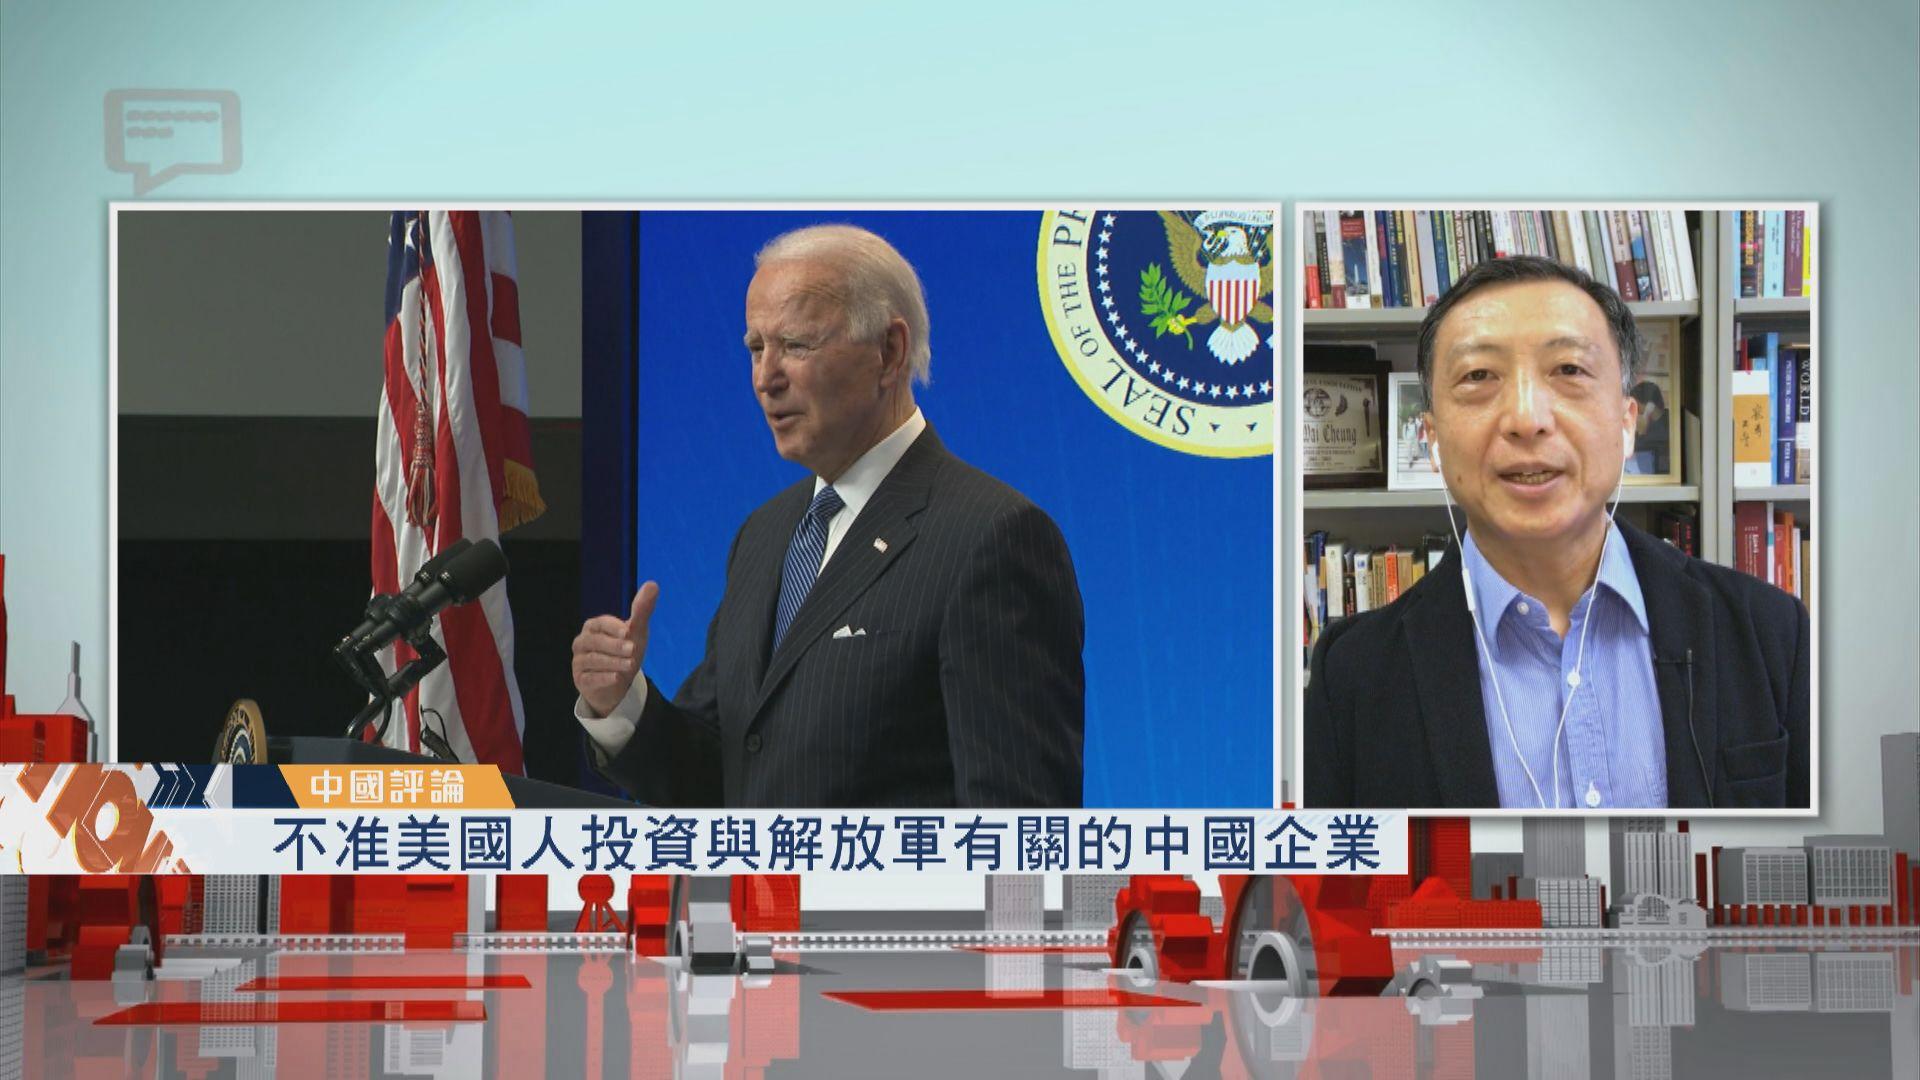 【中國評論】拜登政府推遲執行針對中國禁令